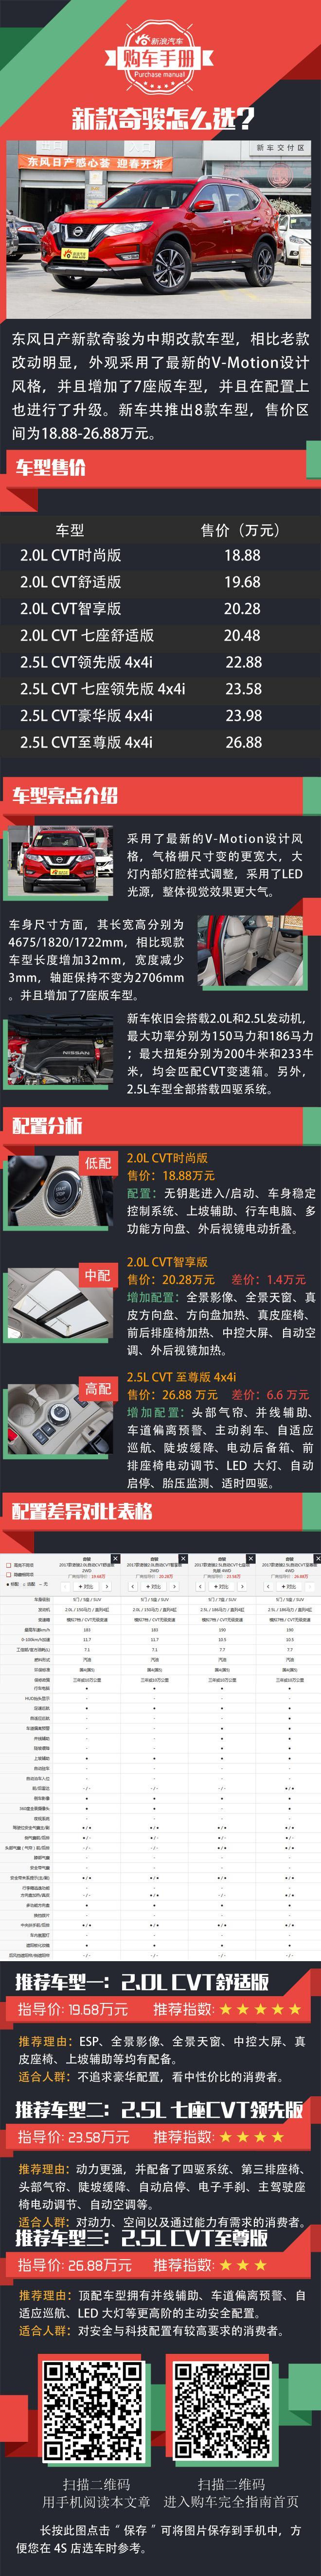 7座也是一种选择 东风日产新款奇骏购车手册